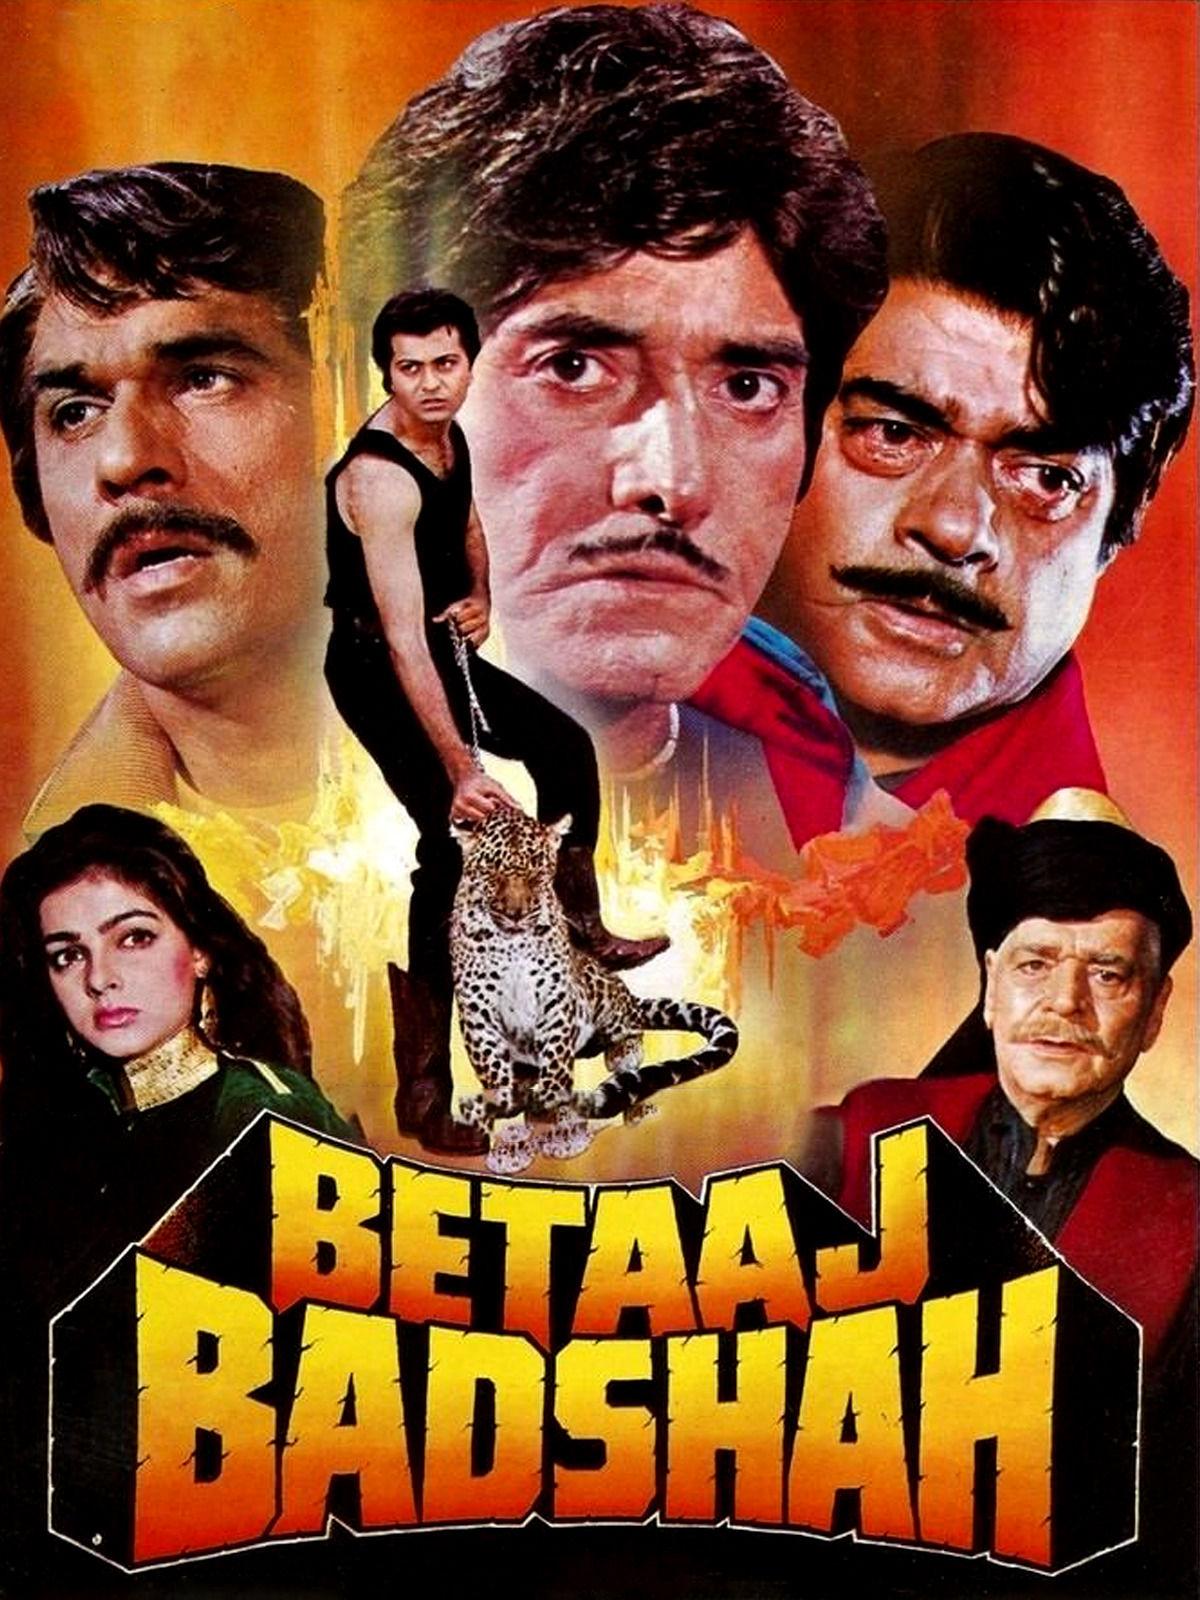 Betaaj Badshah